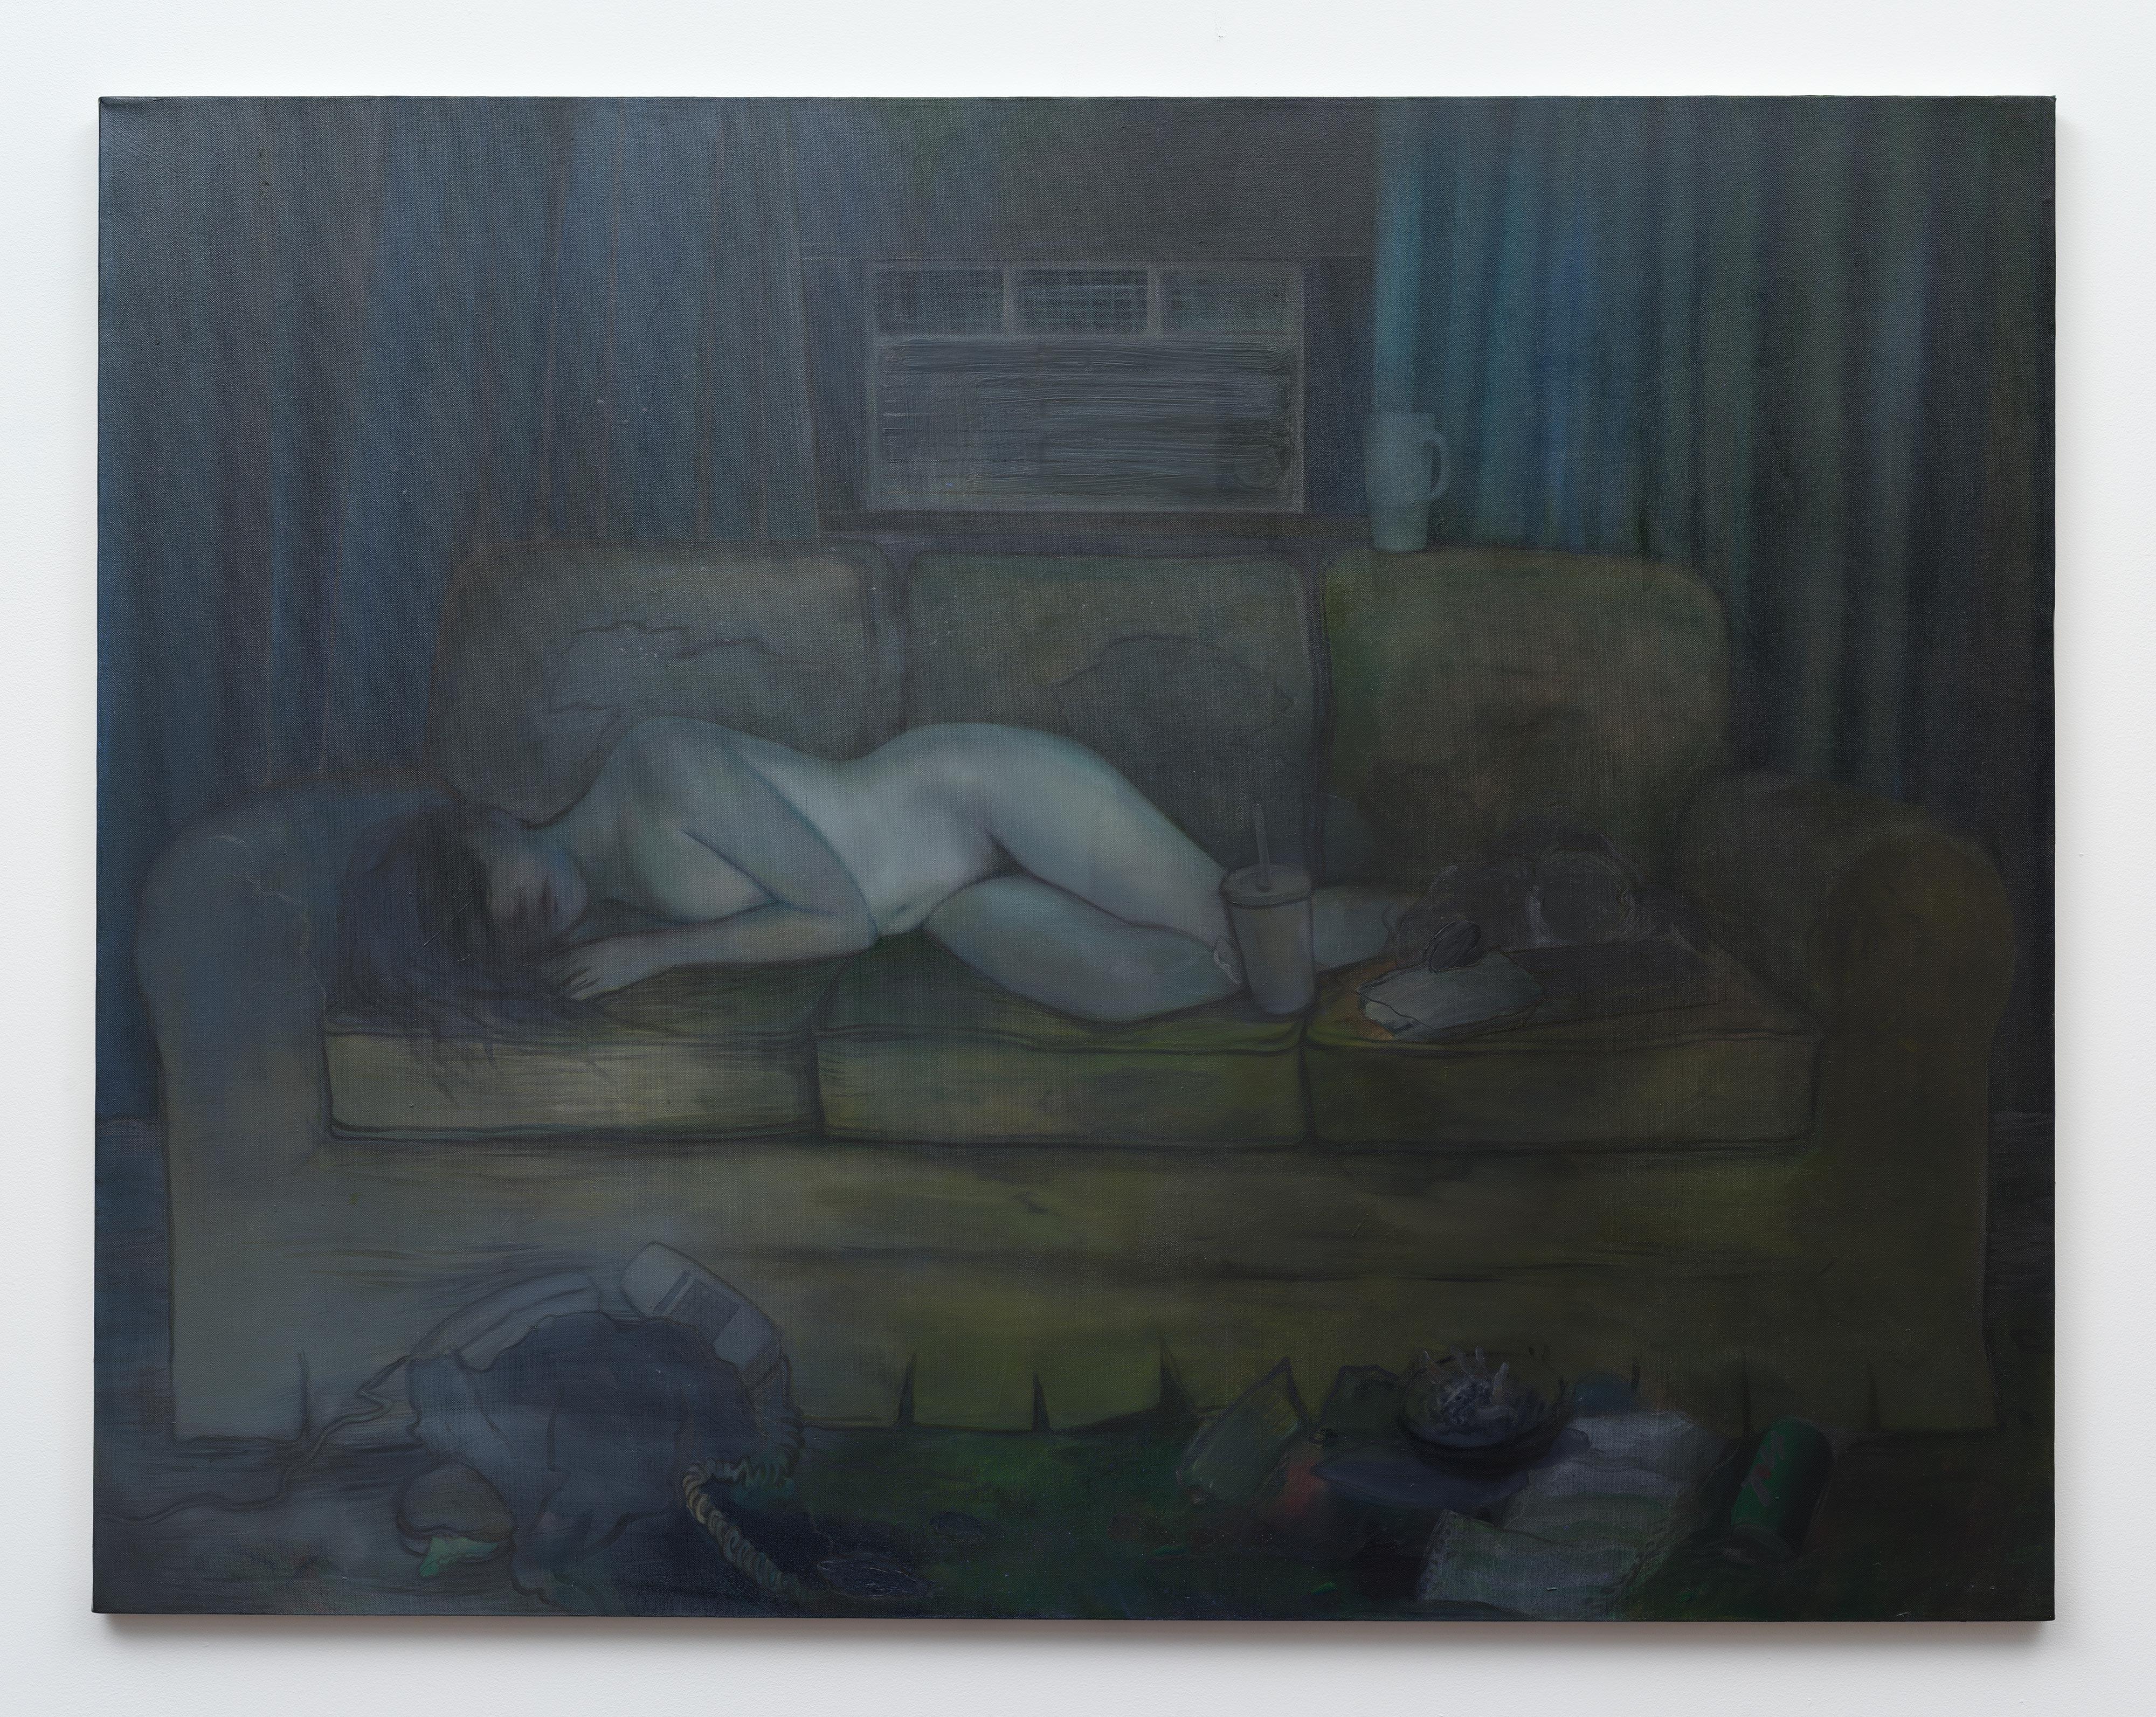 Brandi Twilley<br>Summer Night<br>2016<br>oil on canvas<br>48 x 62 in (121.92 x 157.48 cm)